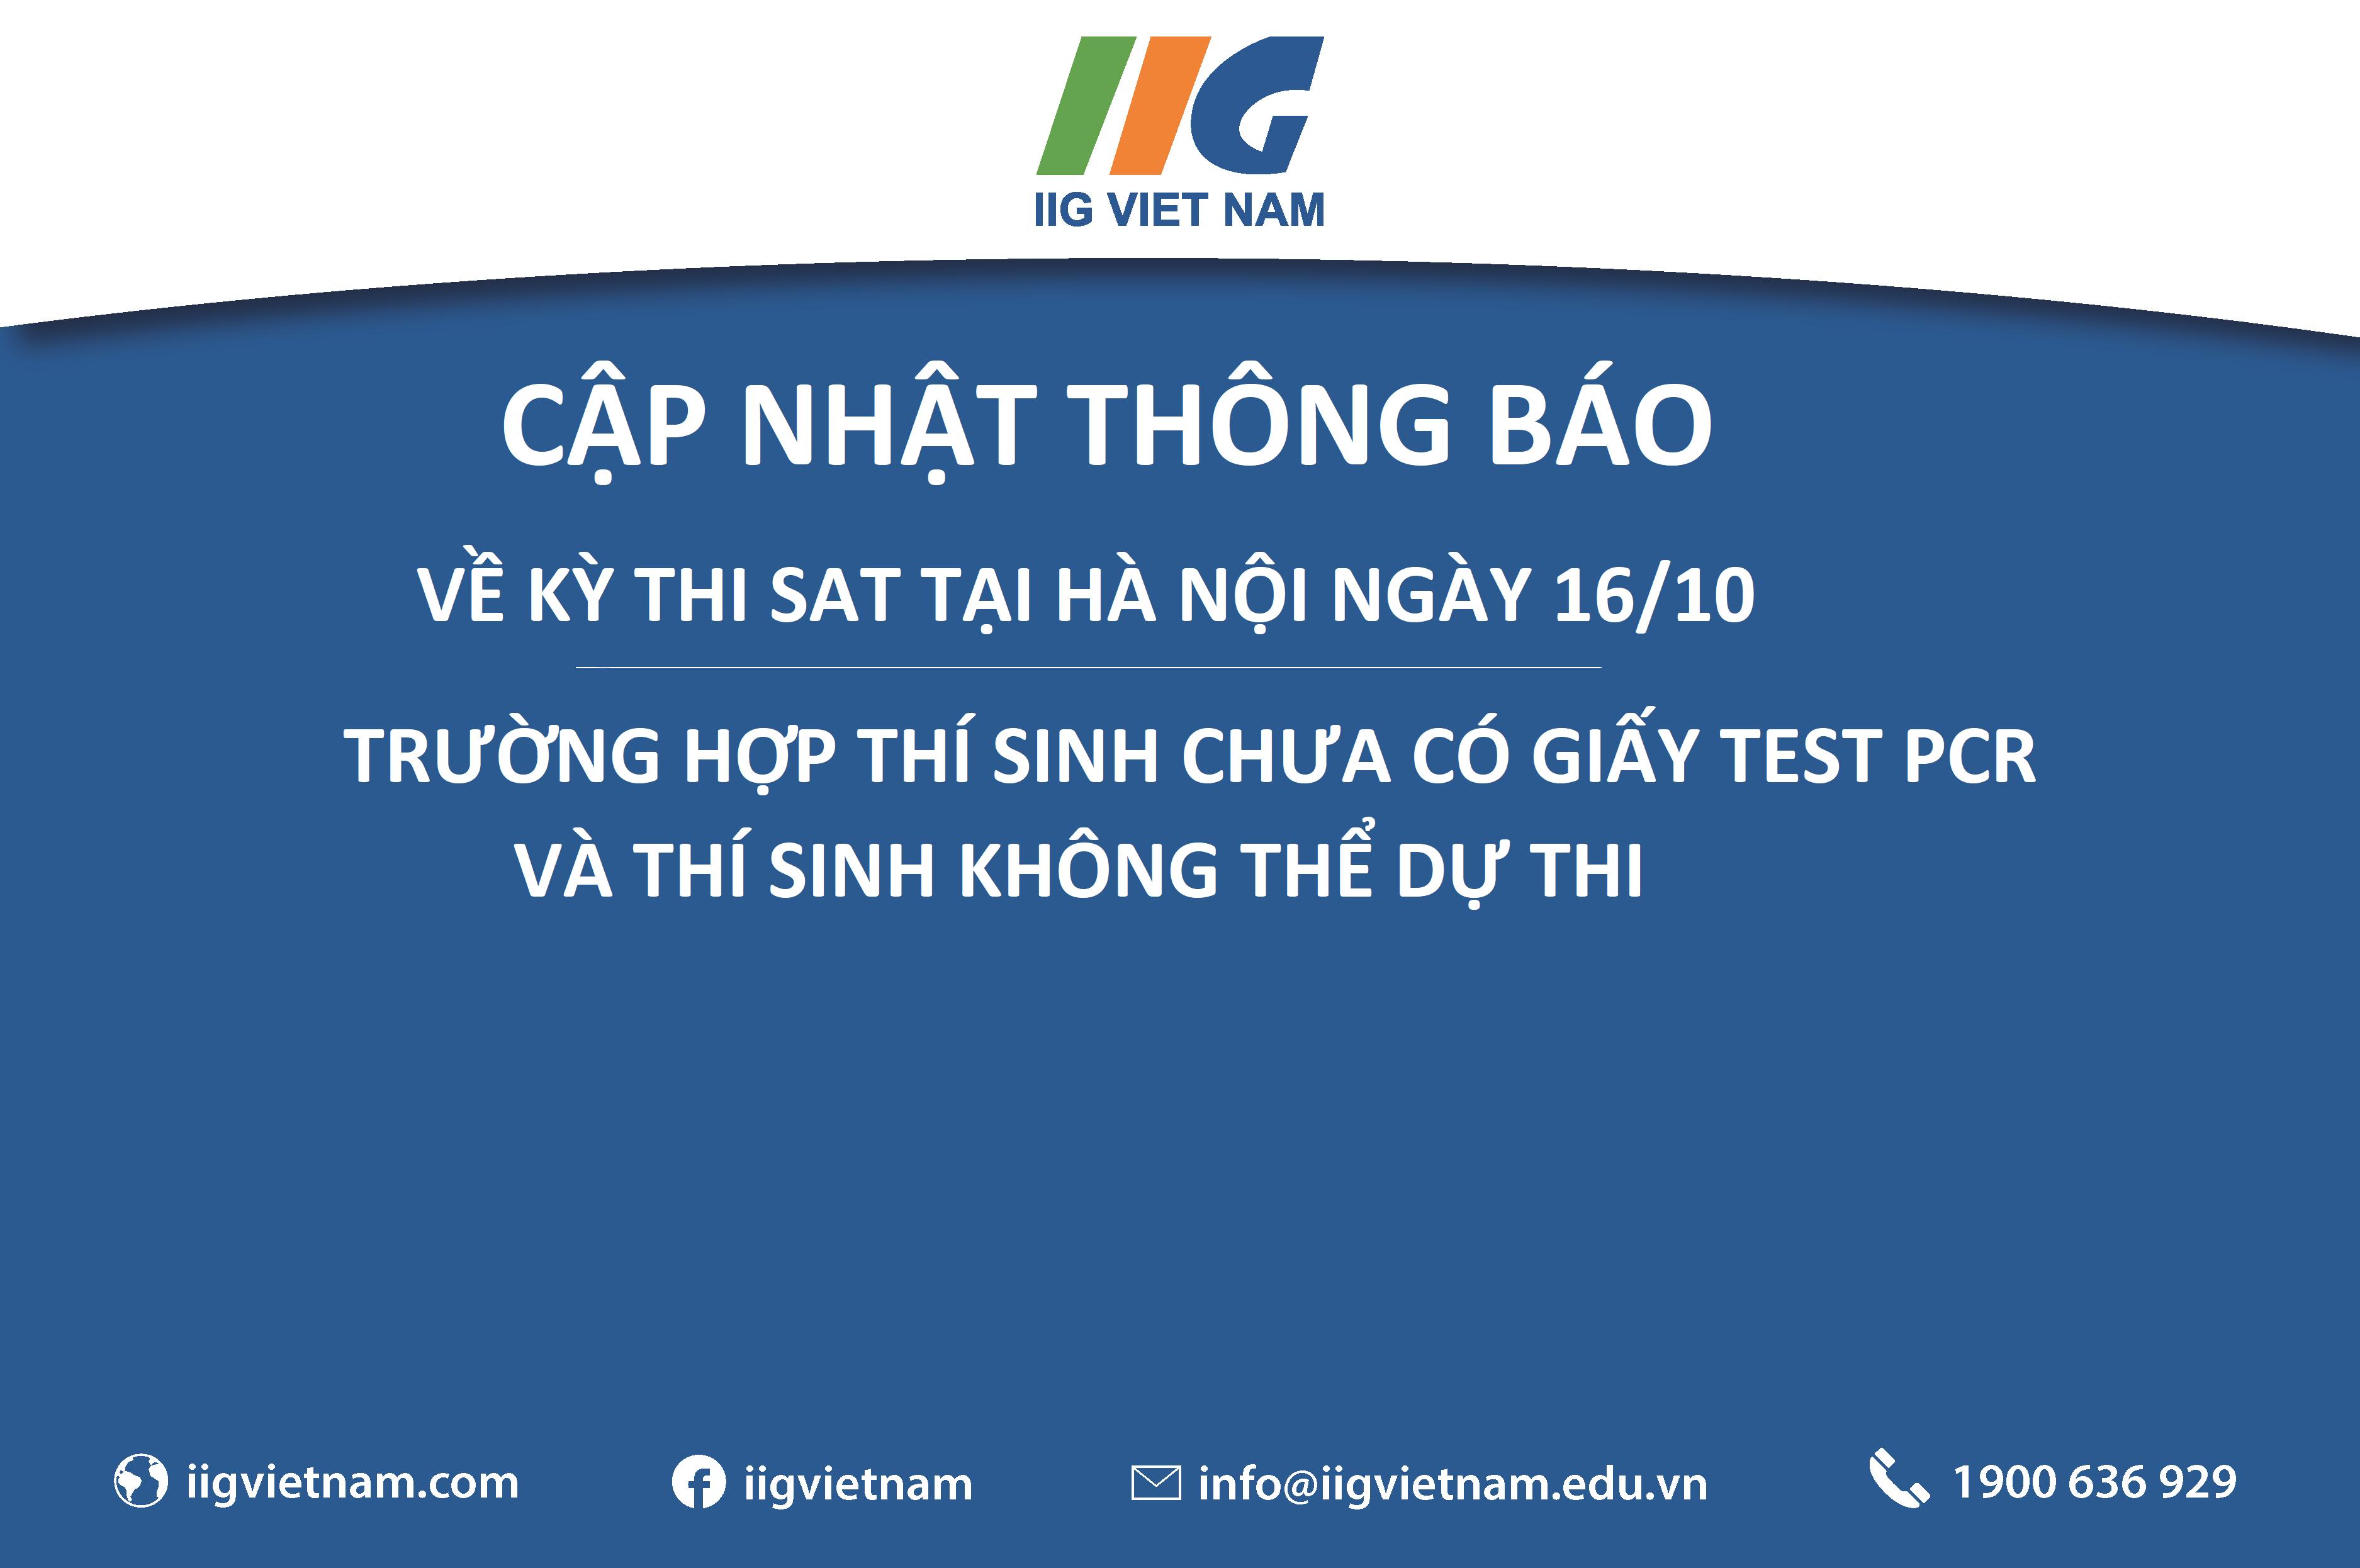 Cập nhật thông báo về kỳ thi SAT tại hà nội ngày 16/10: Trường hợp thí sinh chưa có giấy test PCR và thí sinh không thể dự thi/Updates on SAT test in Hanoi on October 16, 2021: For candidates without PCR test certificate and those who cannot take the test